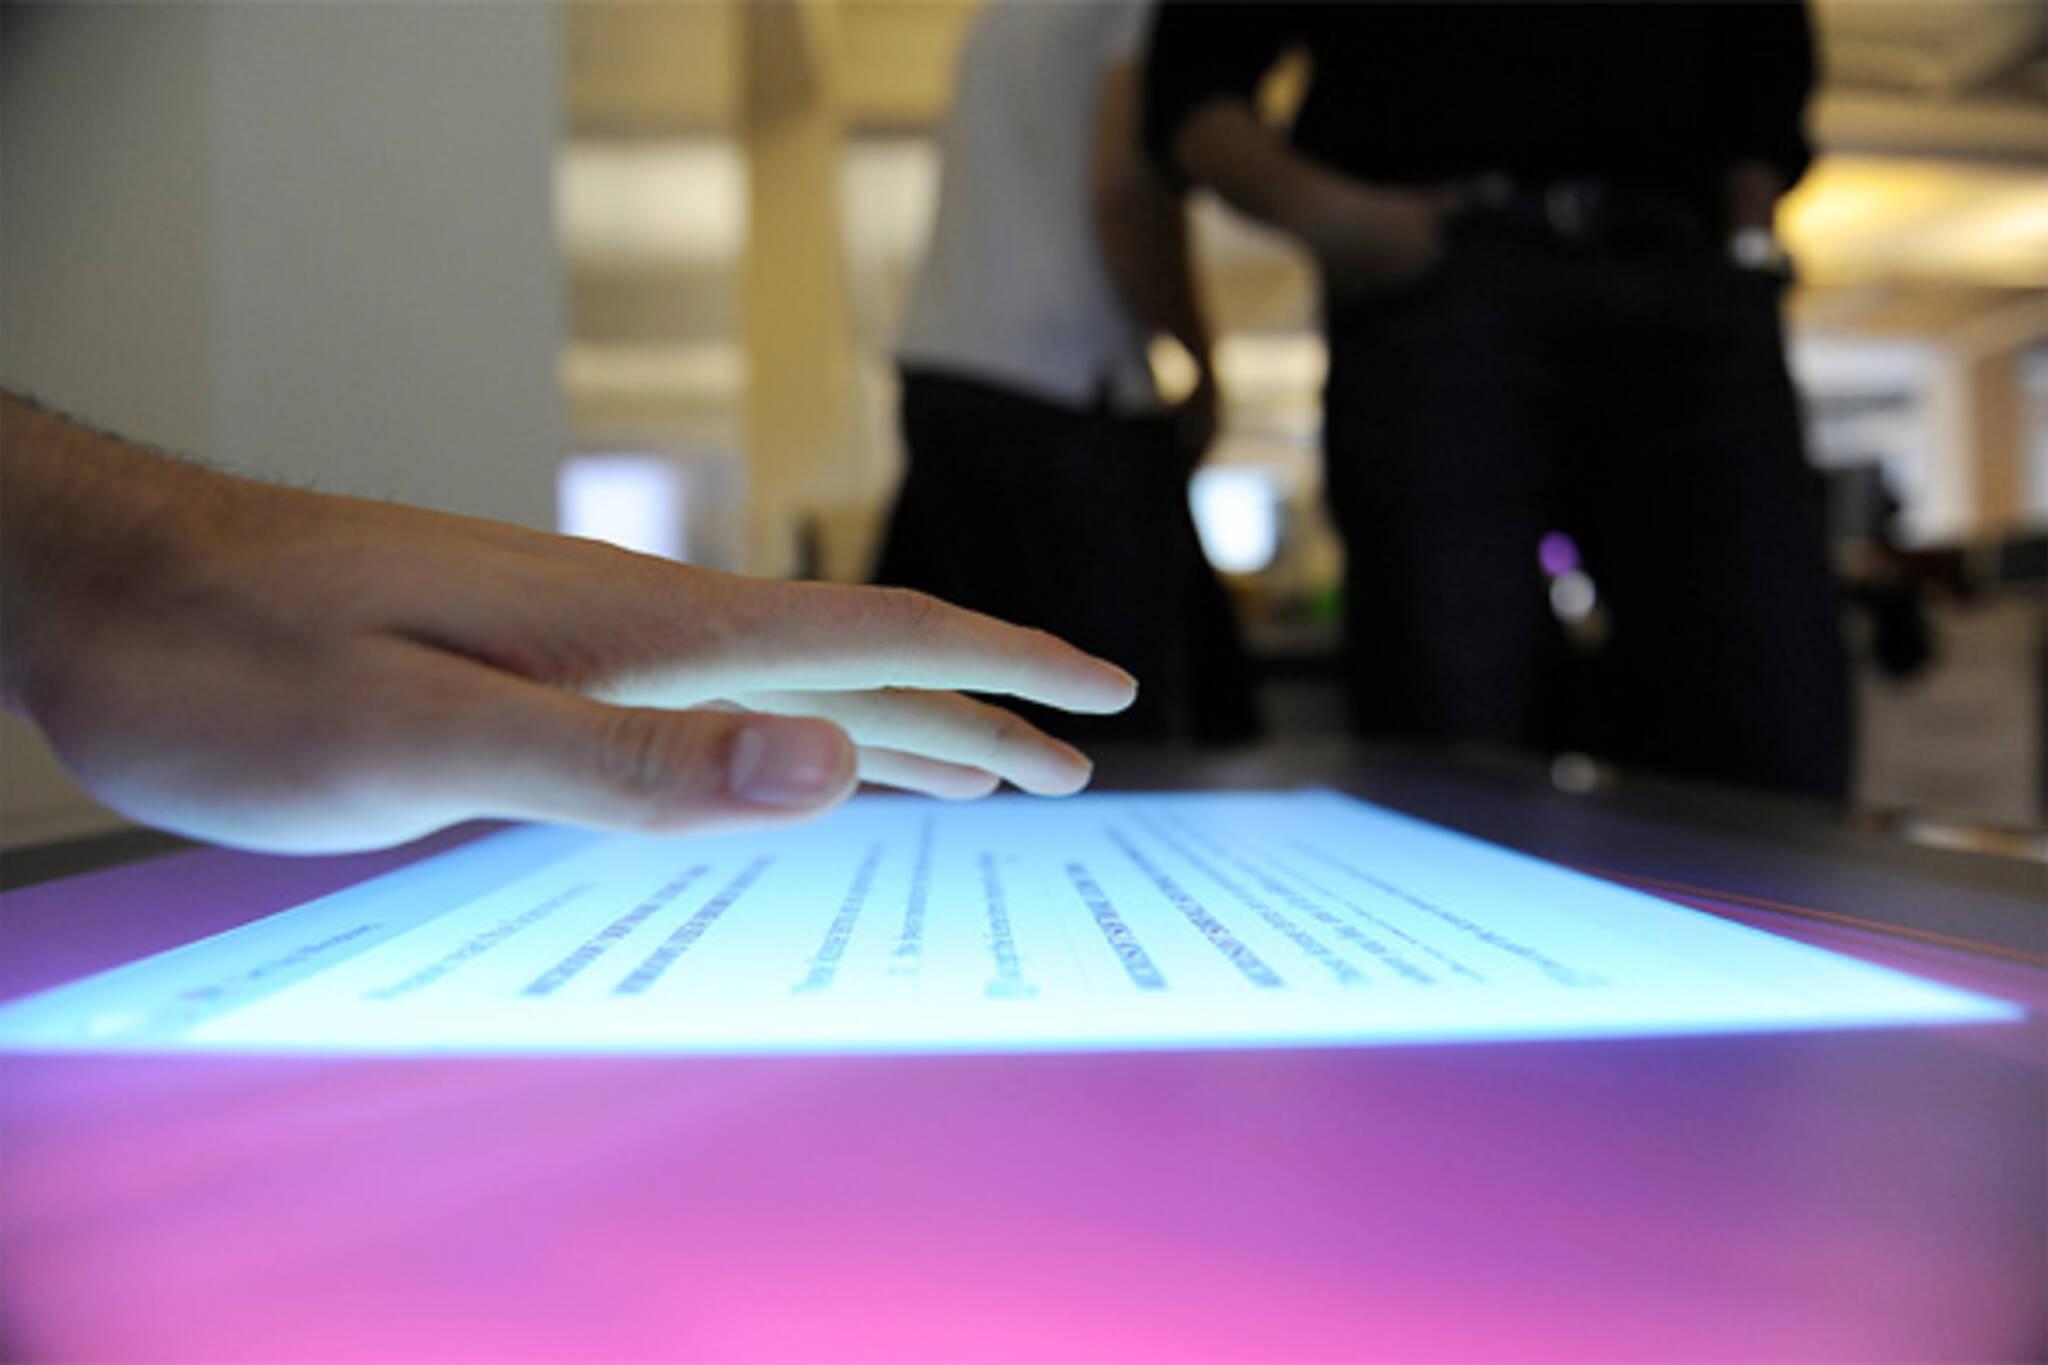 teehan+lax unbox their Microsoft Surface.